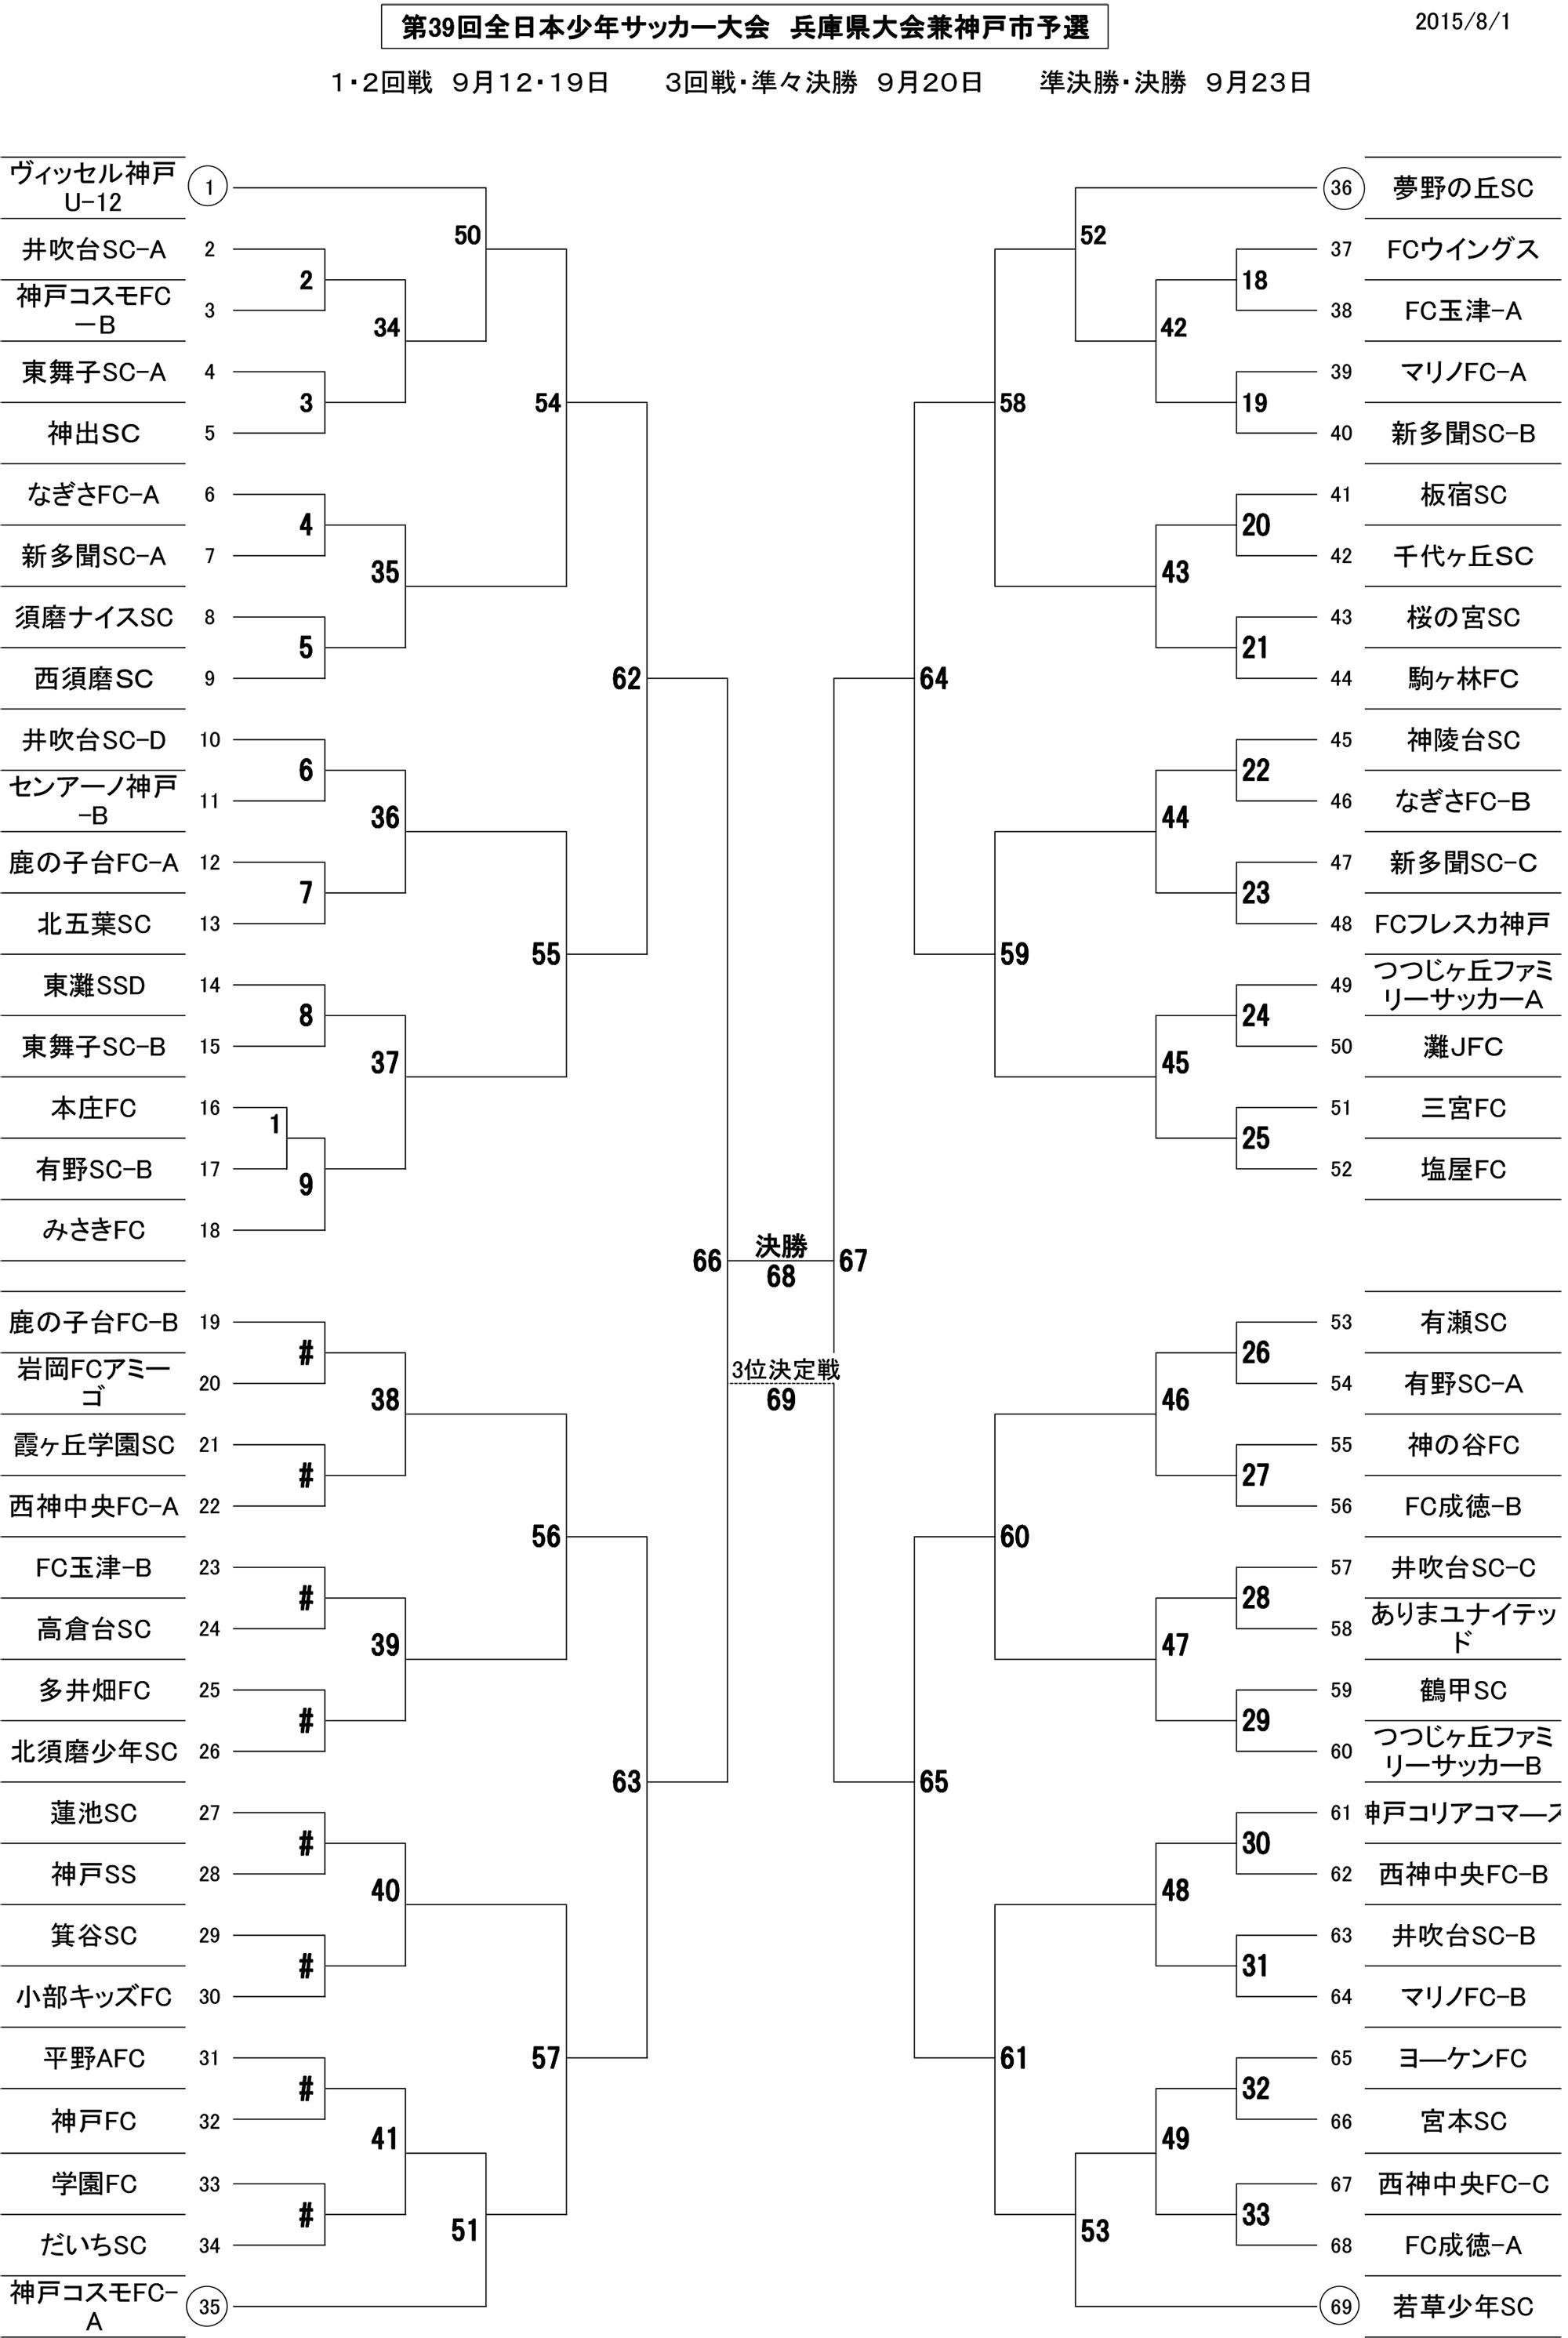 第39回全日本少年サッカー大会 兵庫県大会兼神戸市予選